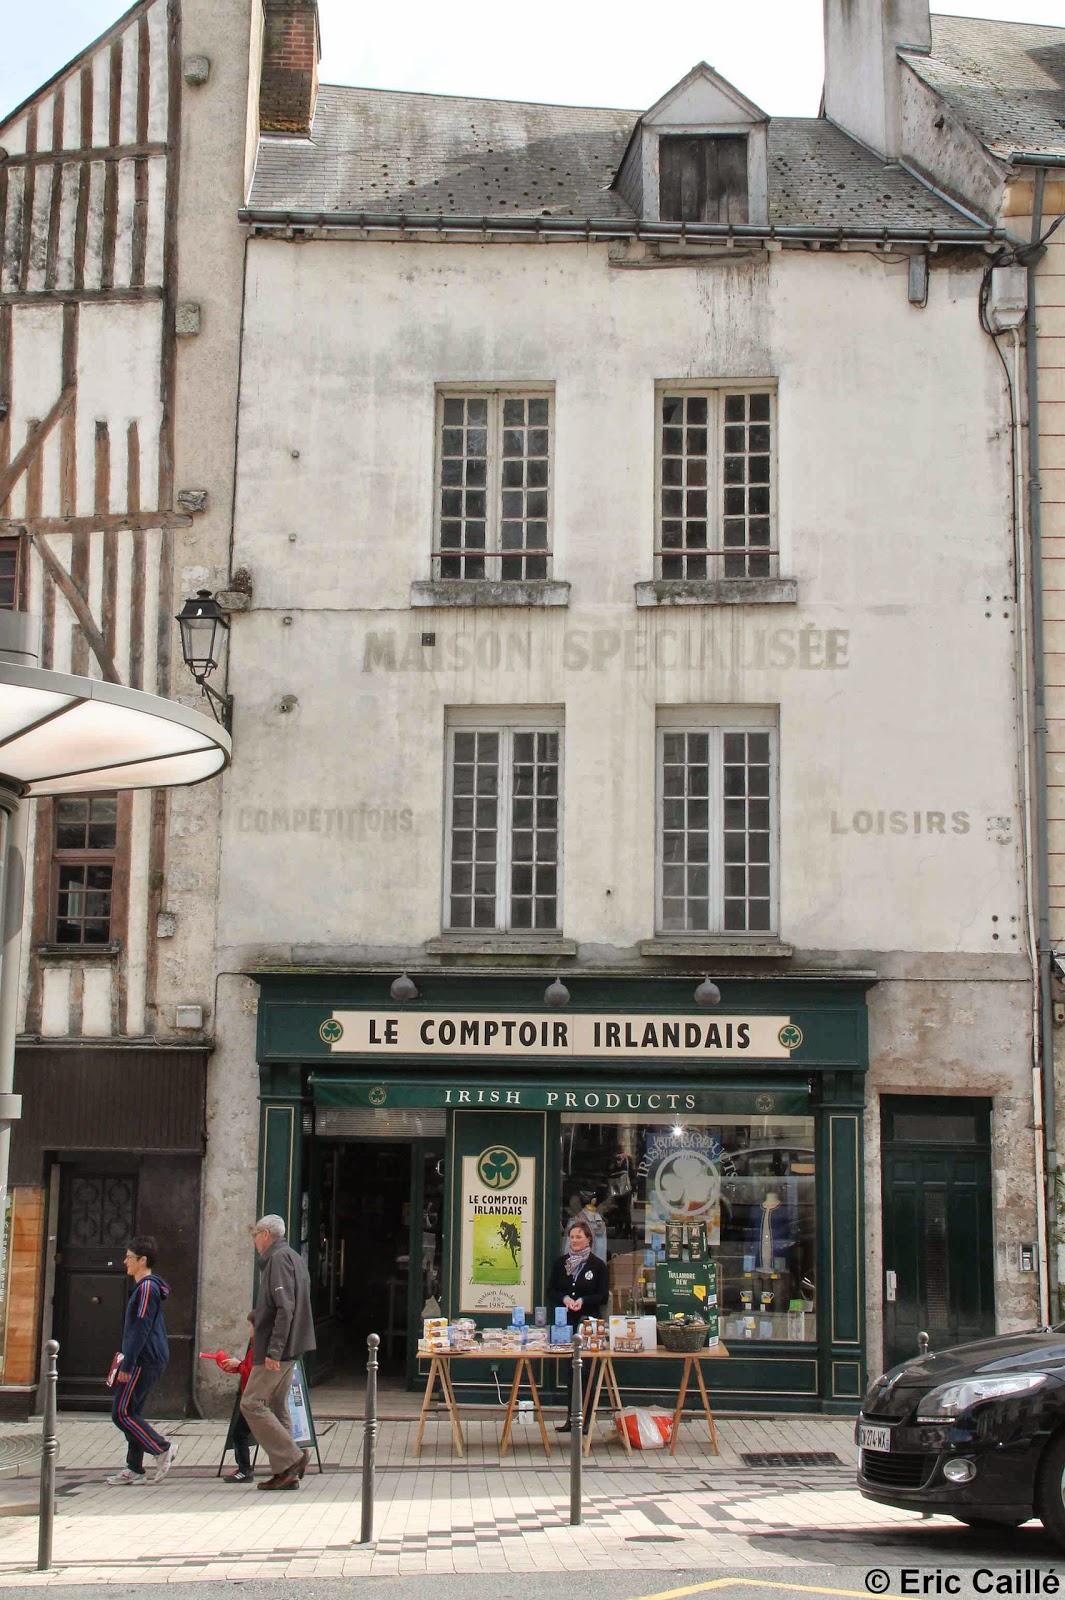 Les murs peints parlent le comptoir irlandais - Comptoir irlandais tours ...